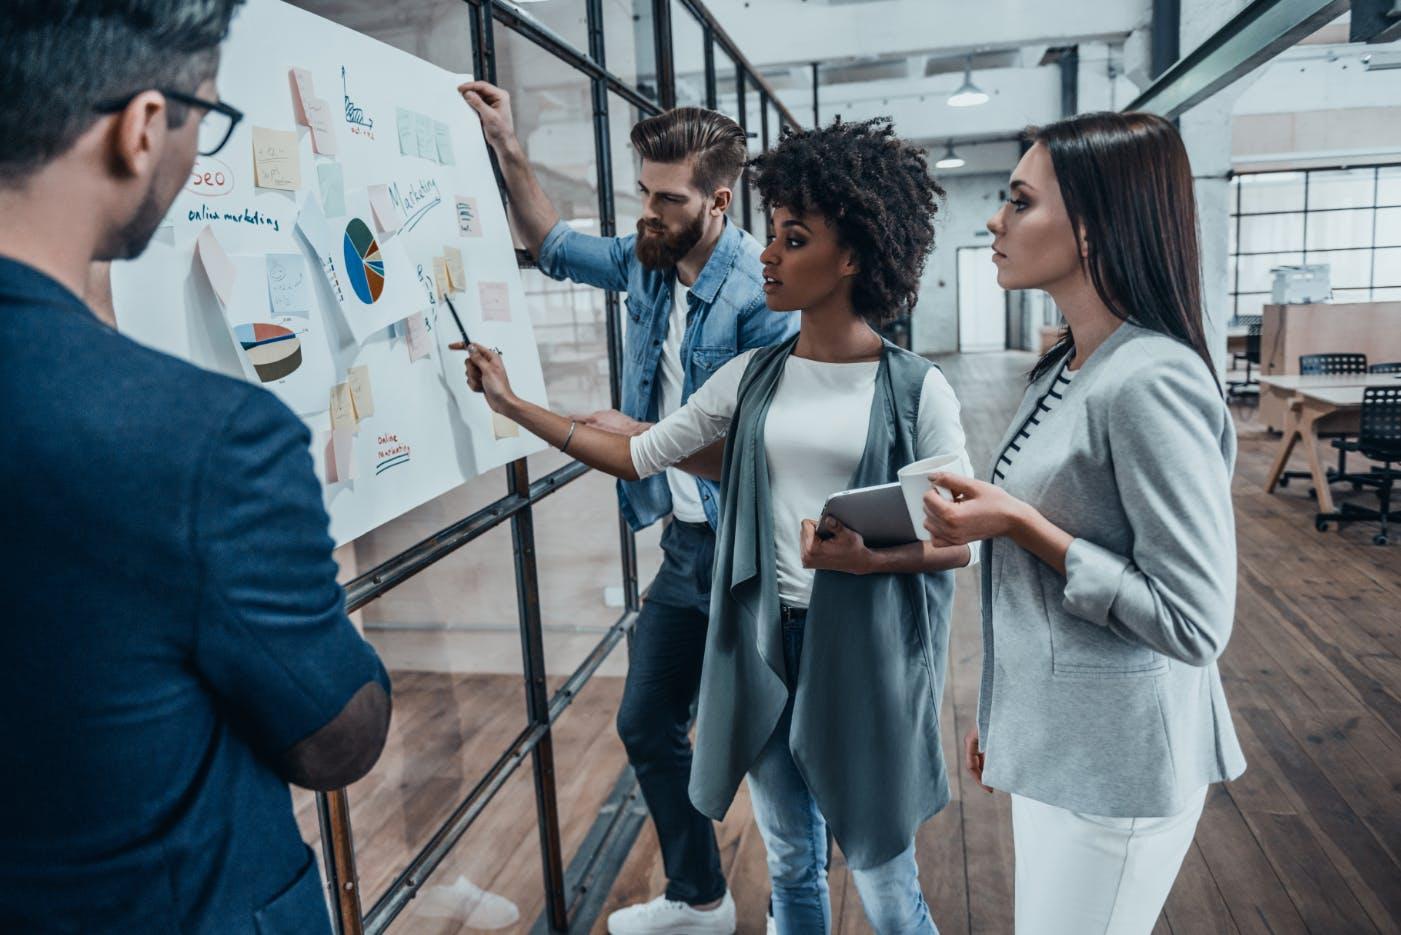 Business Plan Critique Session